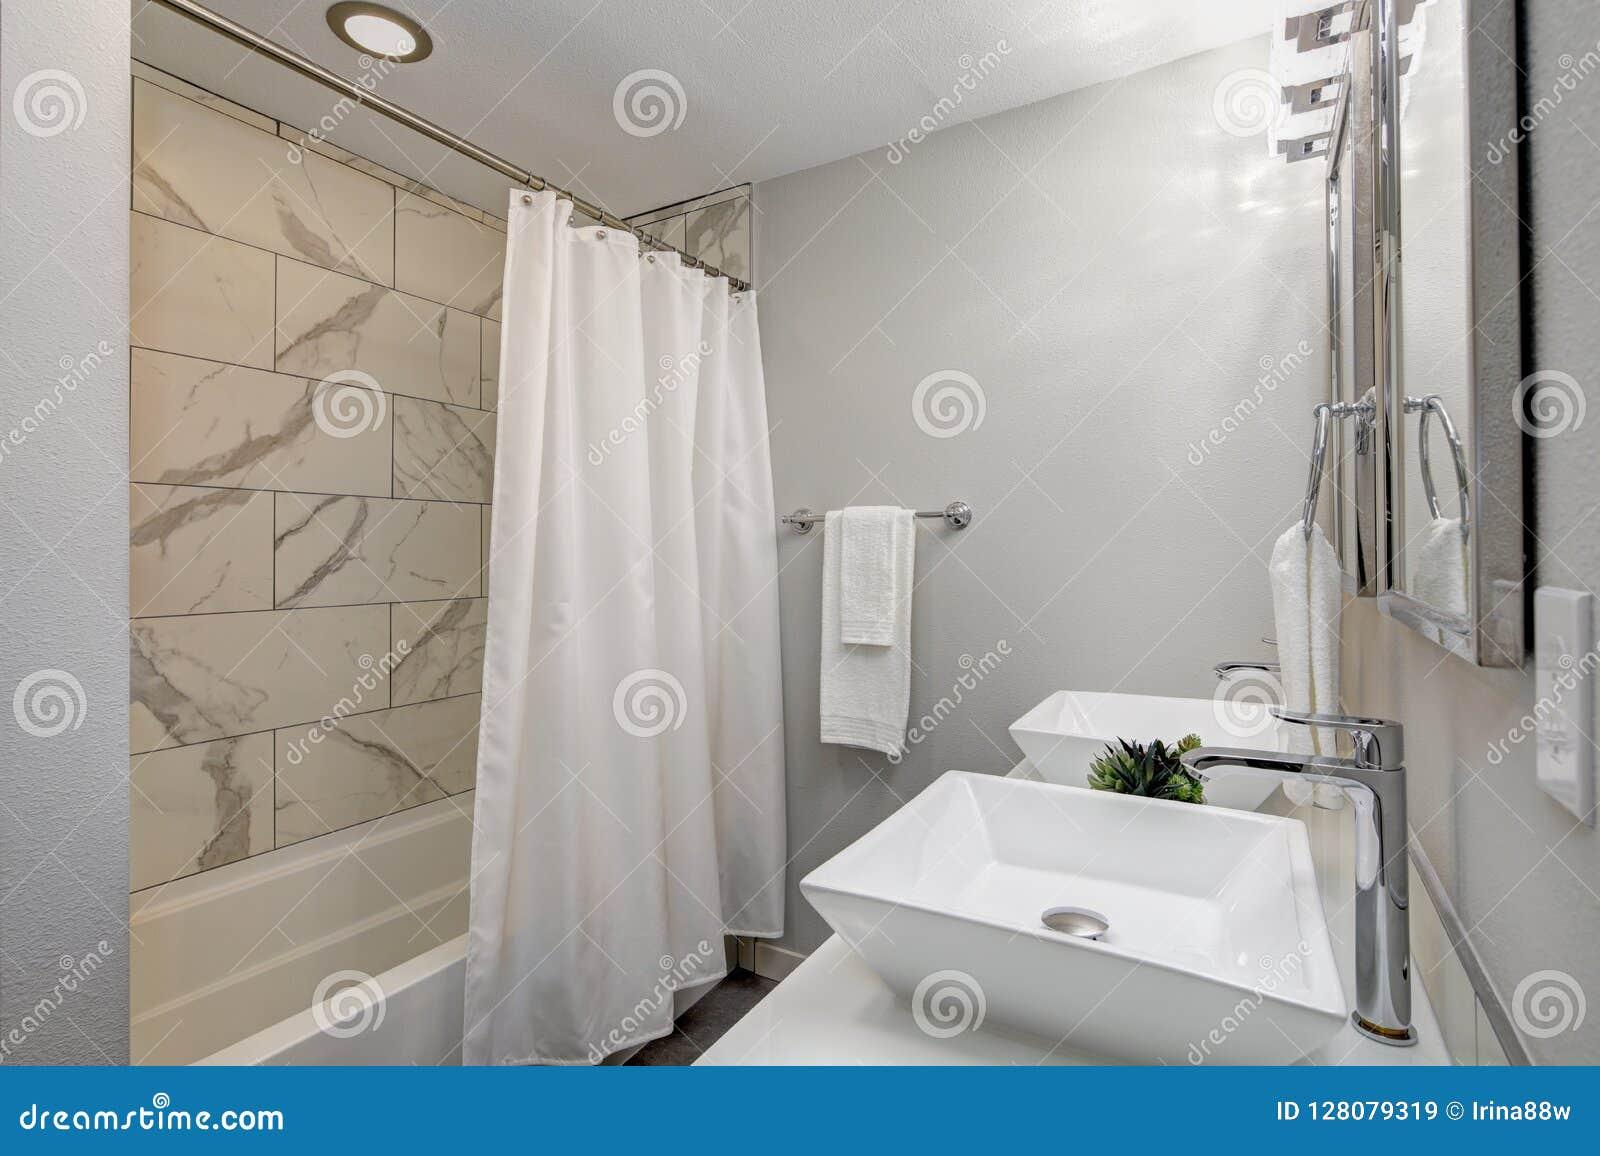 Роскошная мастерская ванна с мраморной плиткой